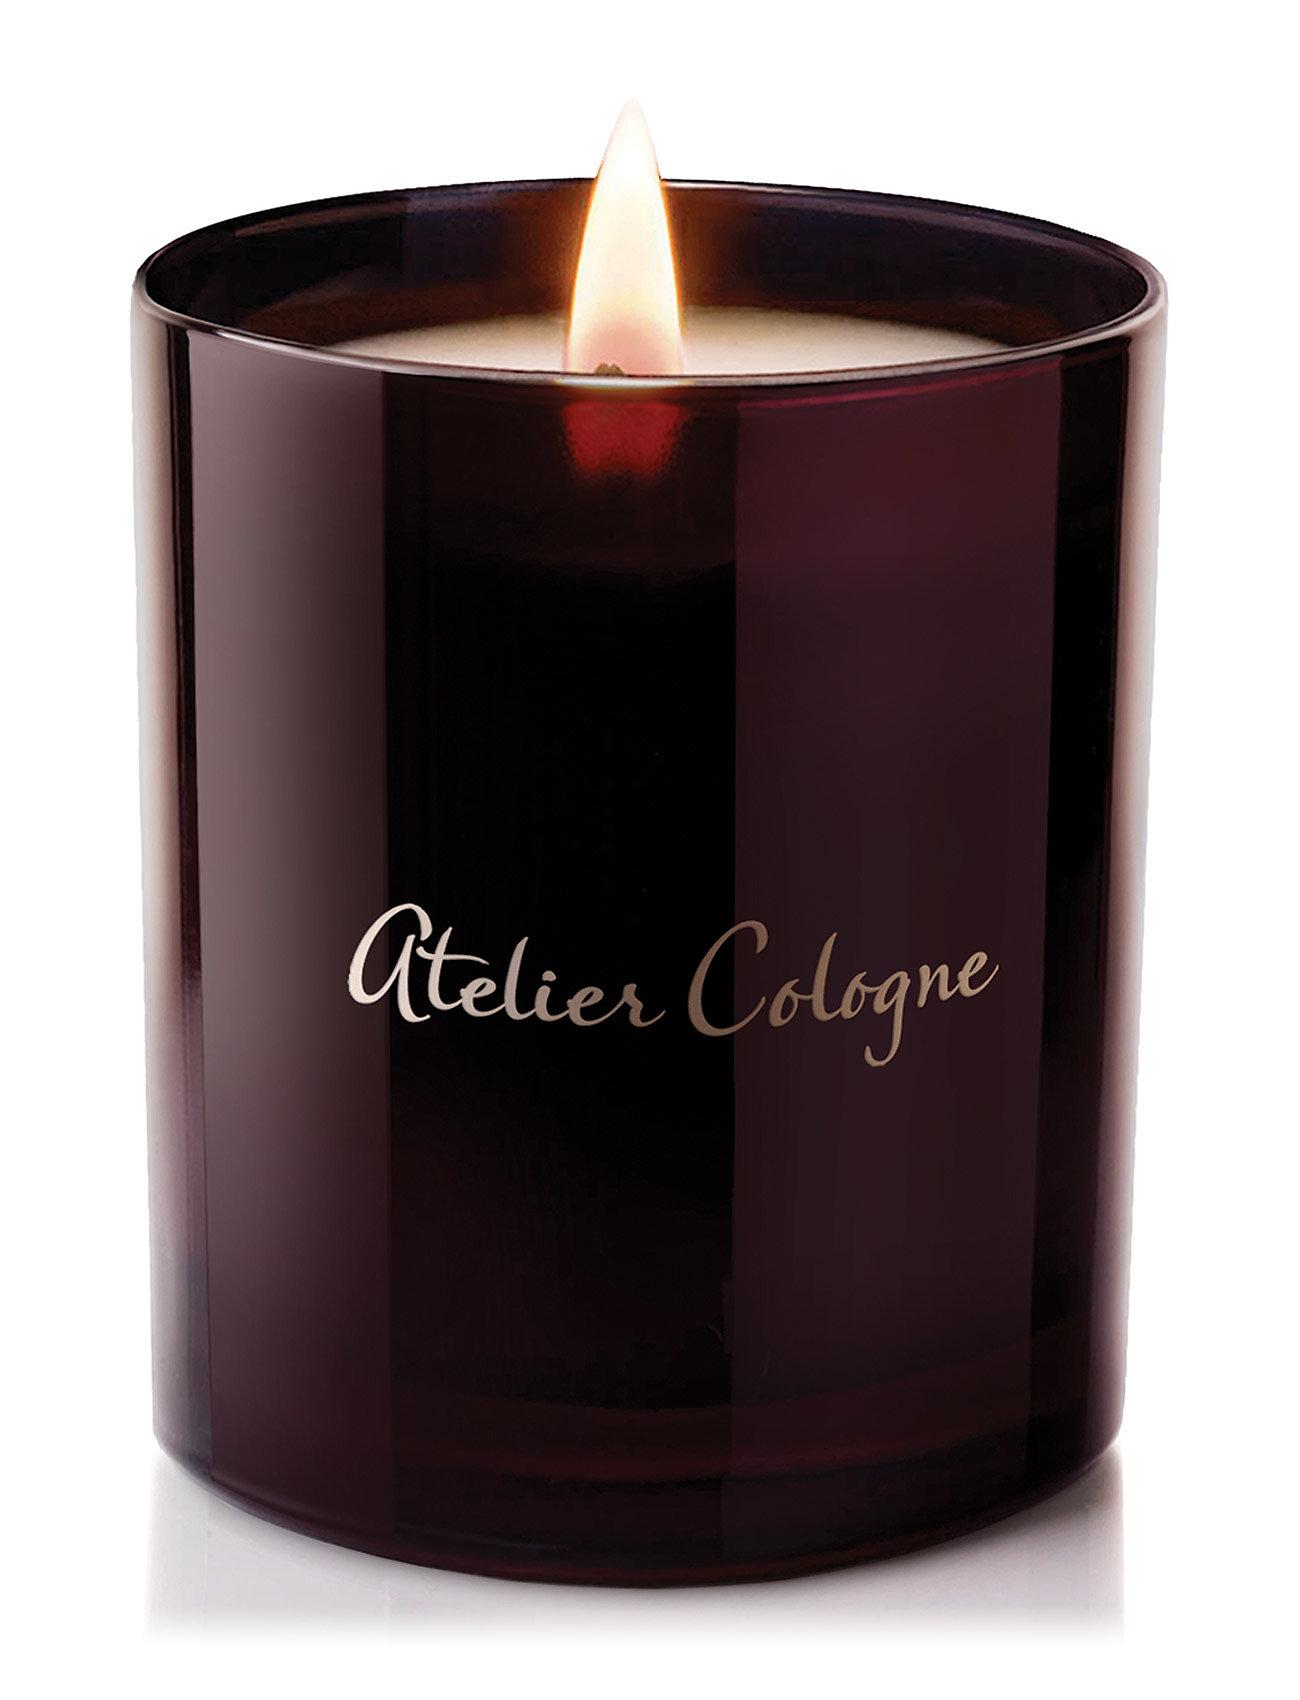 atelier cologne – Bergamote soleil candle 190 gr på boozt.com dk